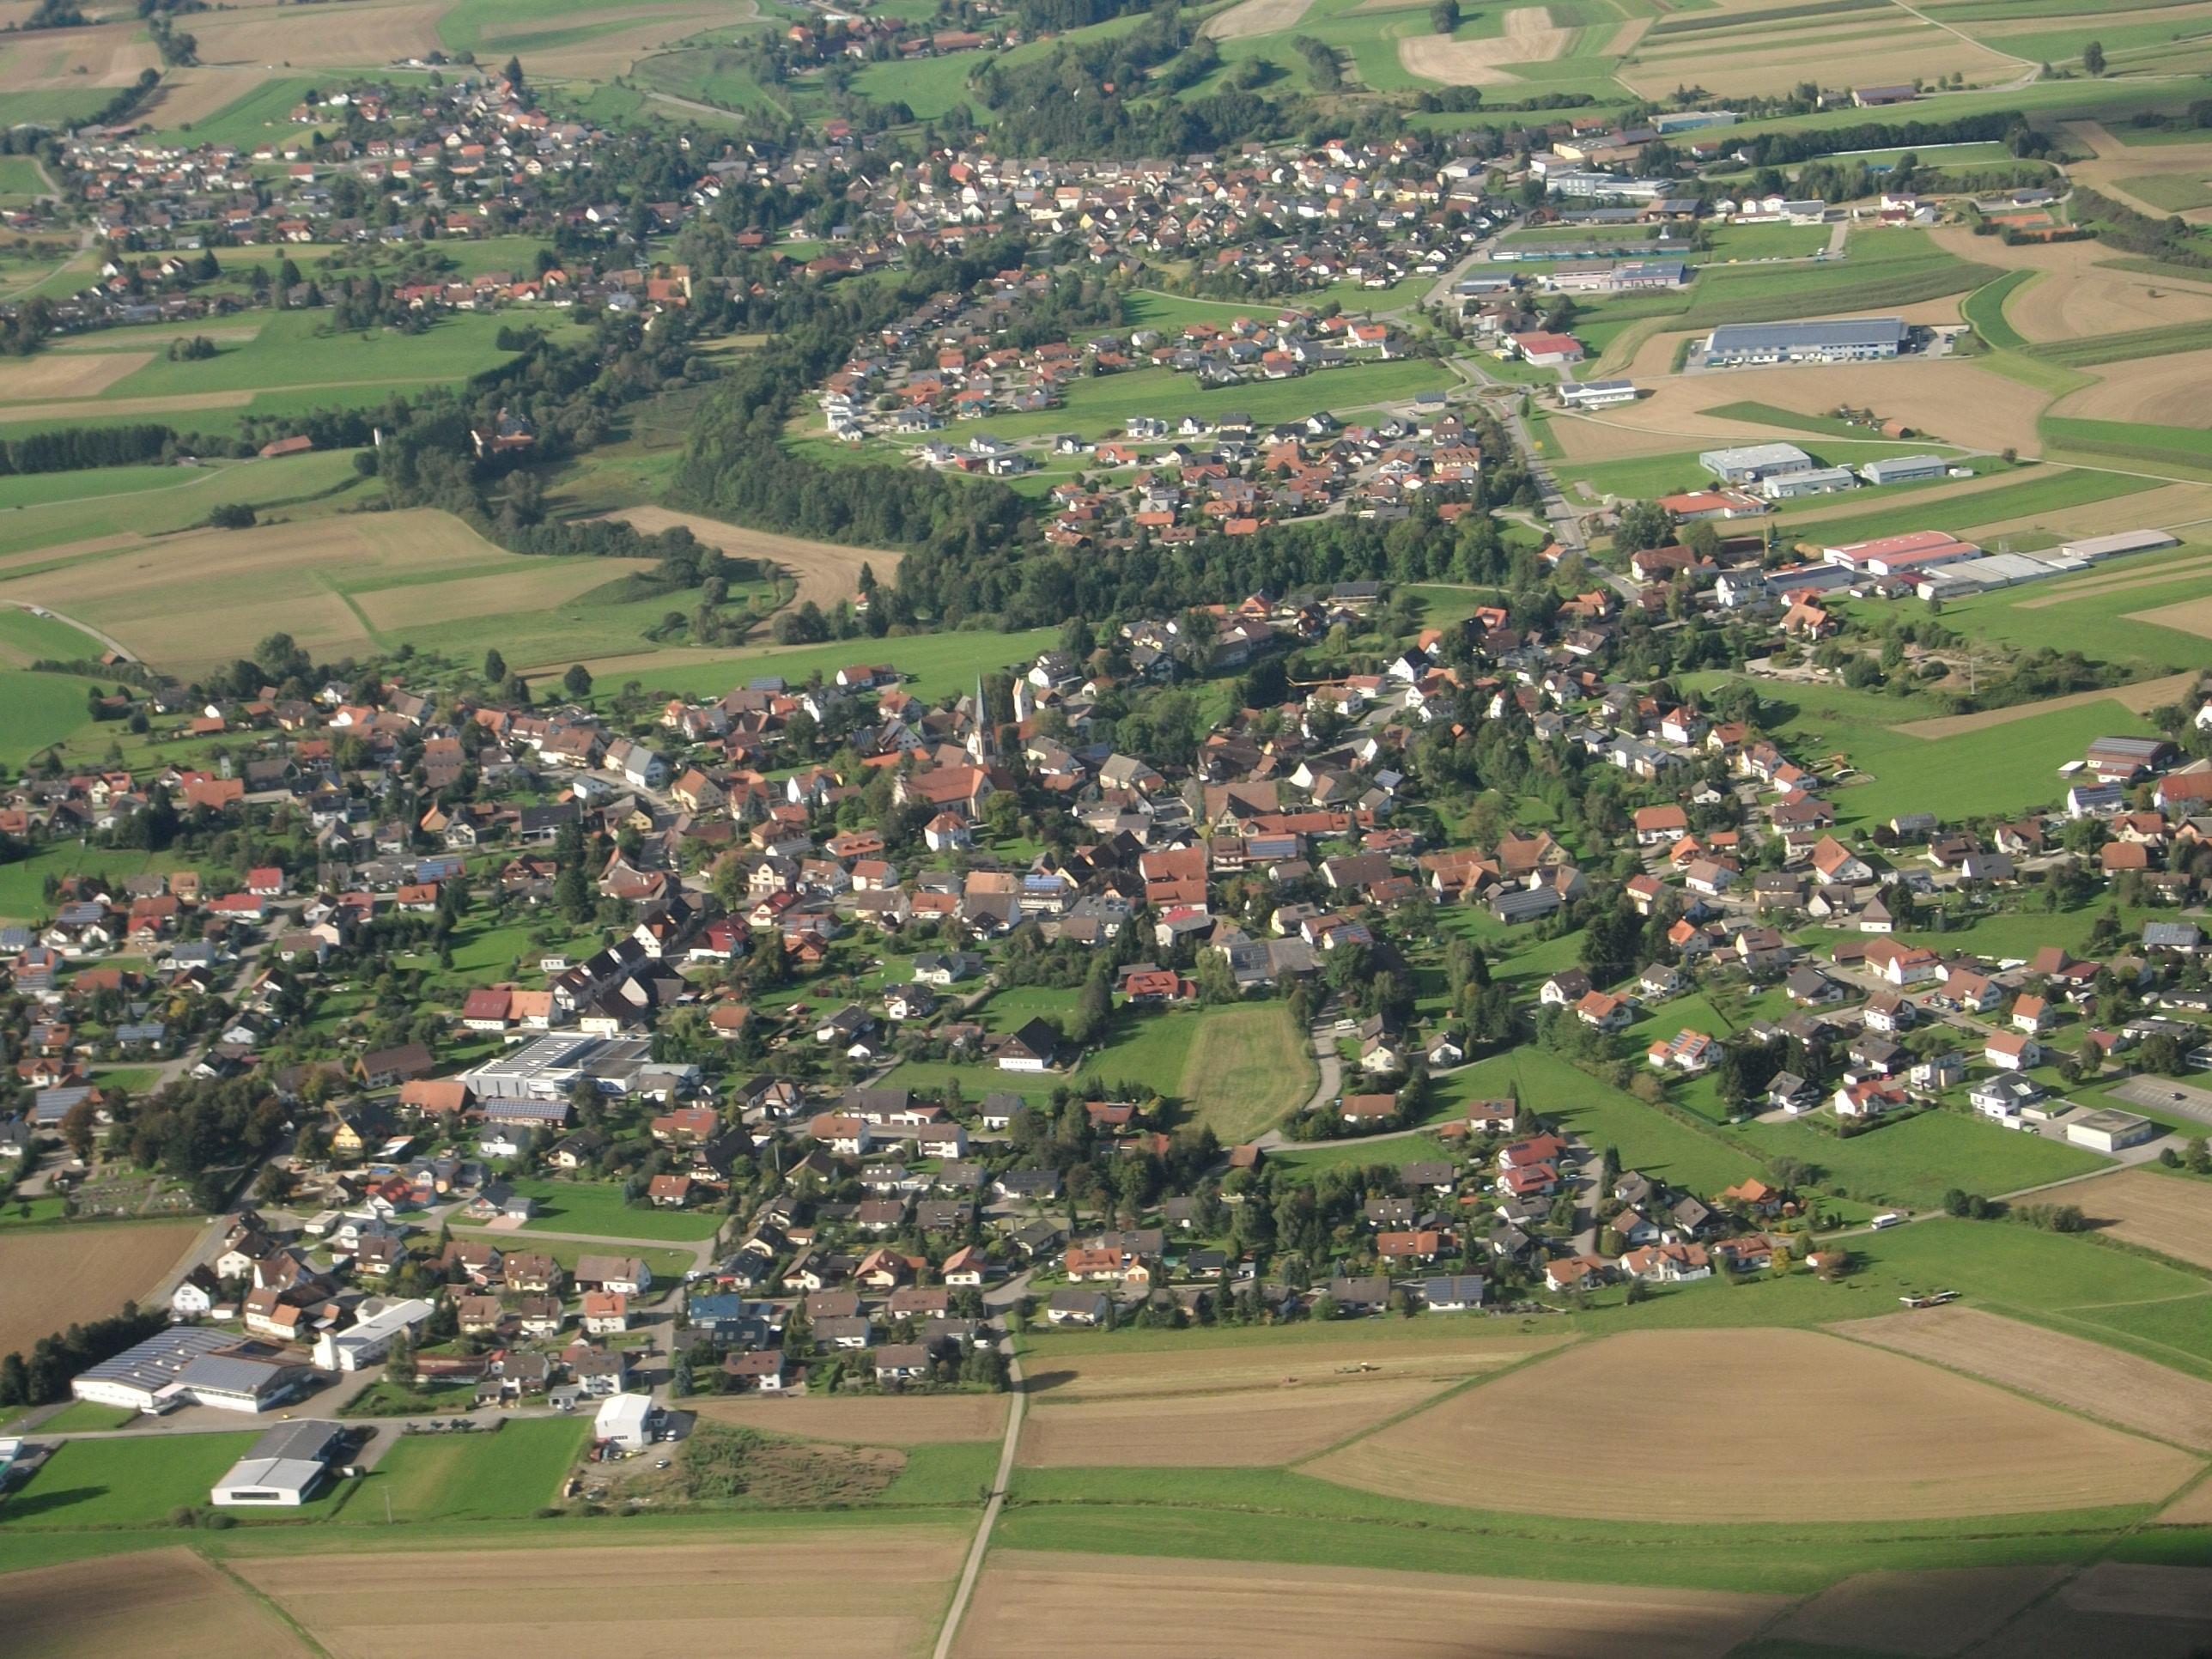 LuftbildFluorn-WinzelnSANY1220